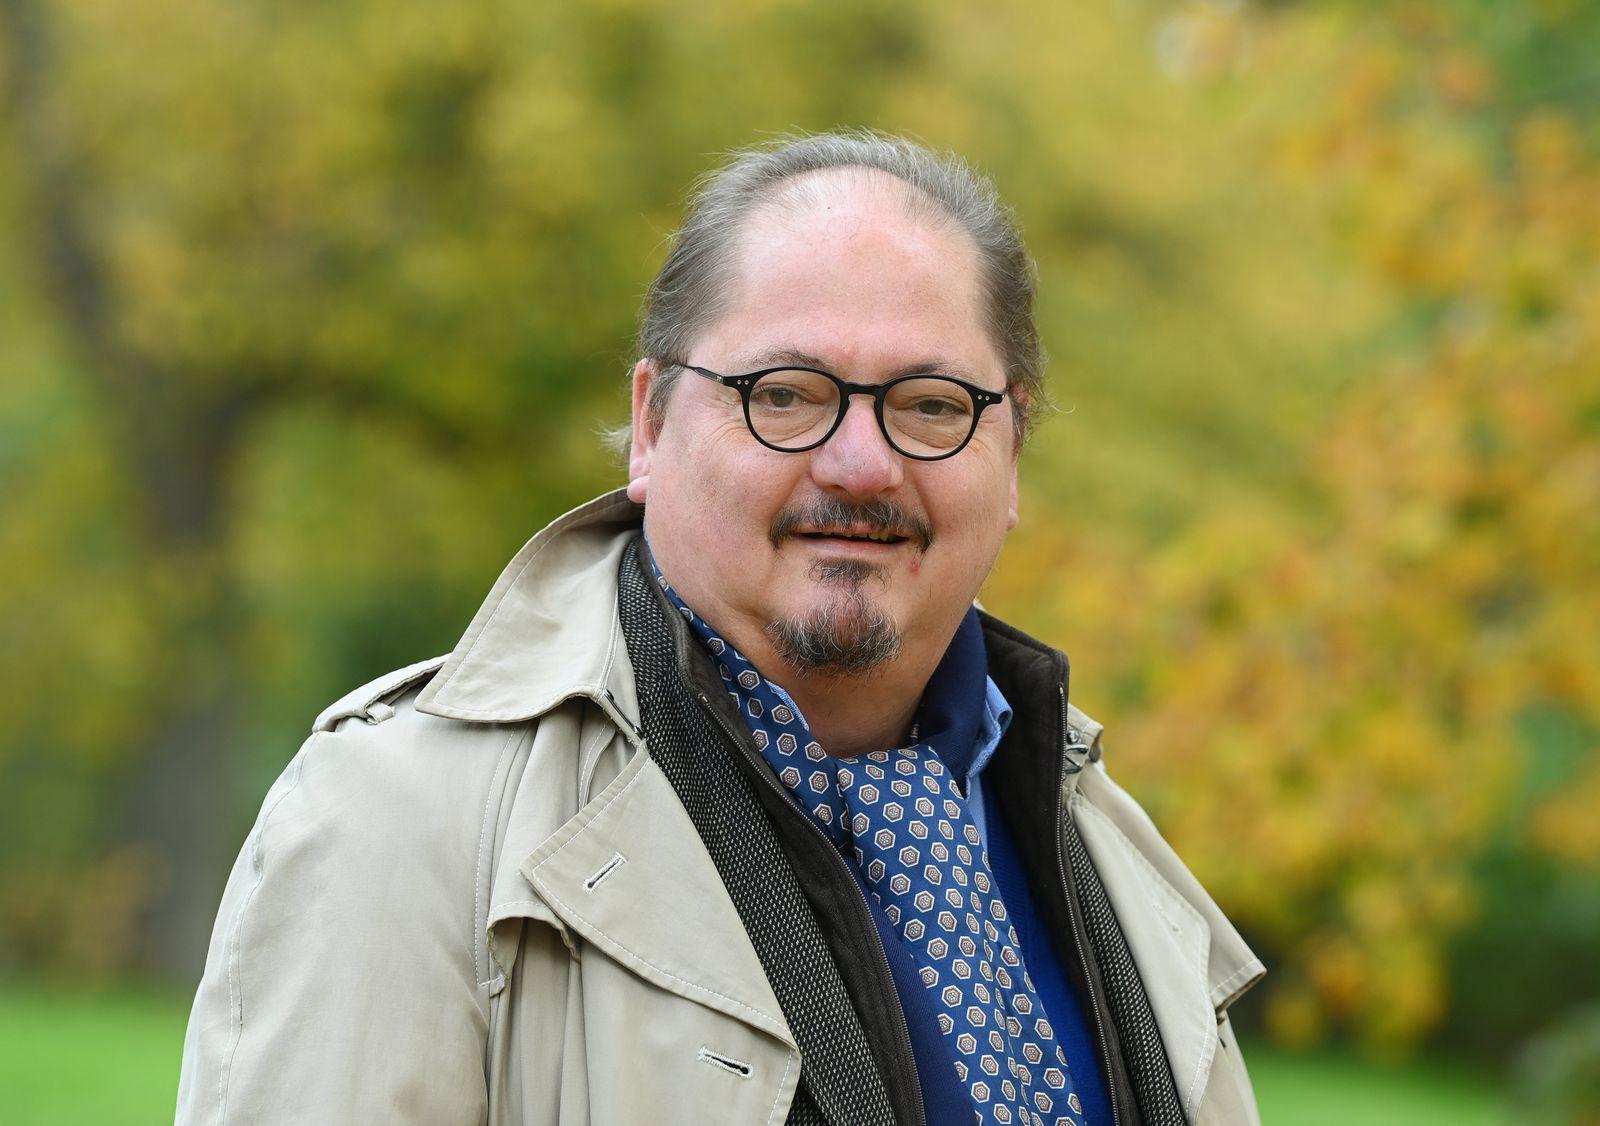 EXCLUSIVE - Schauspieler Jürgen Tarrach